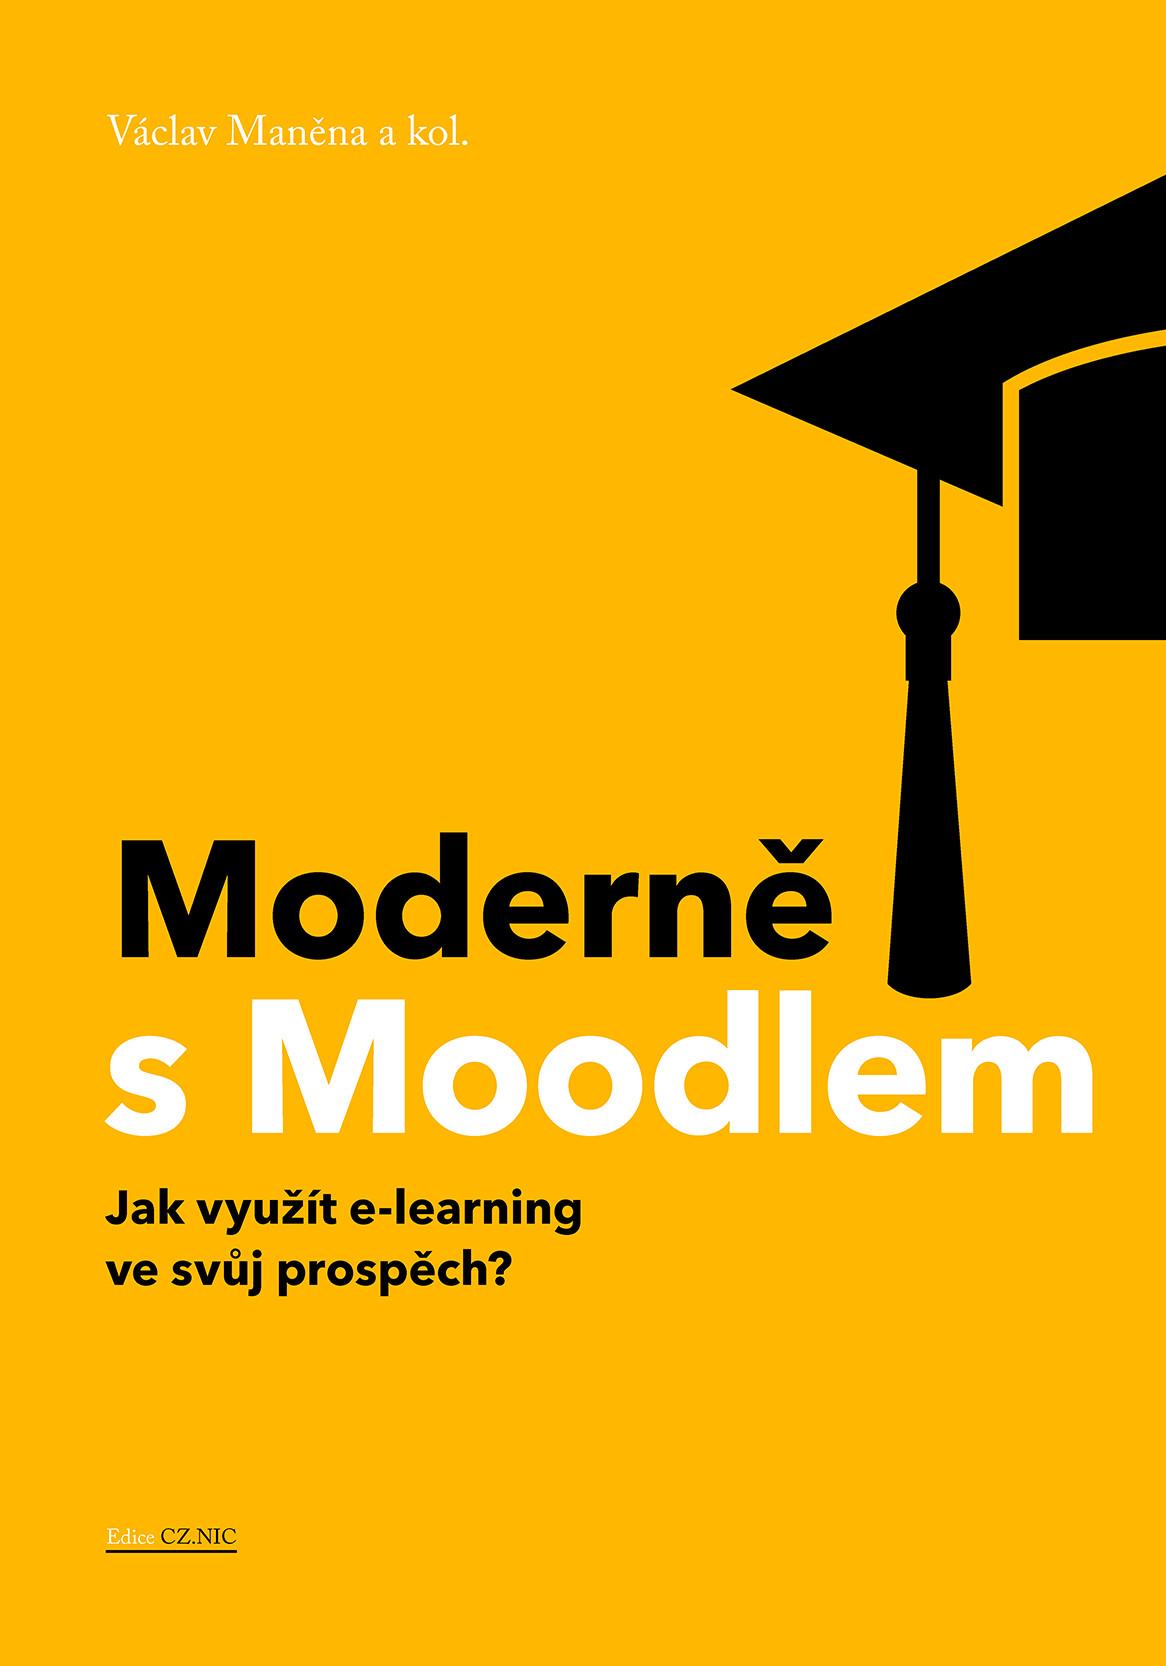 """""""MODERNĚ S MOODLEM"""", VÁCLAV MANĚNA A KOL."""